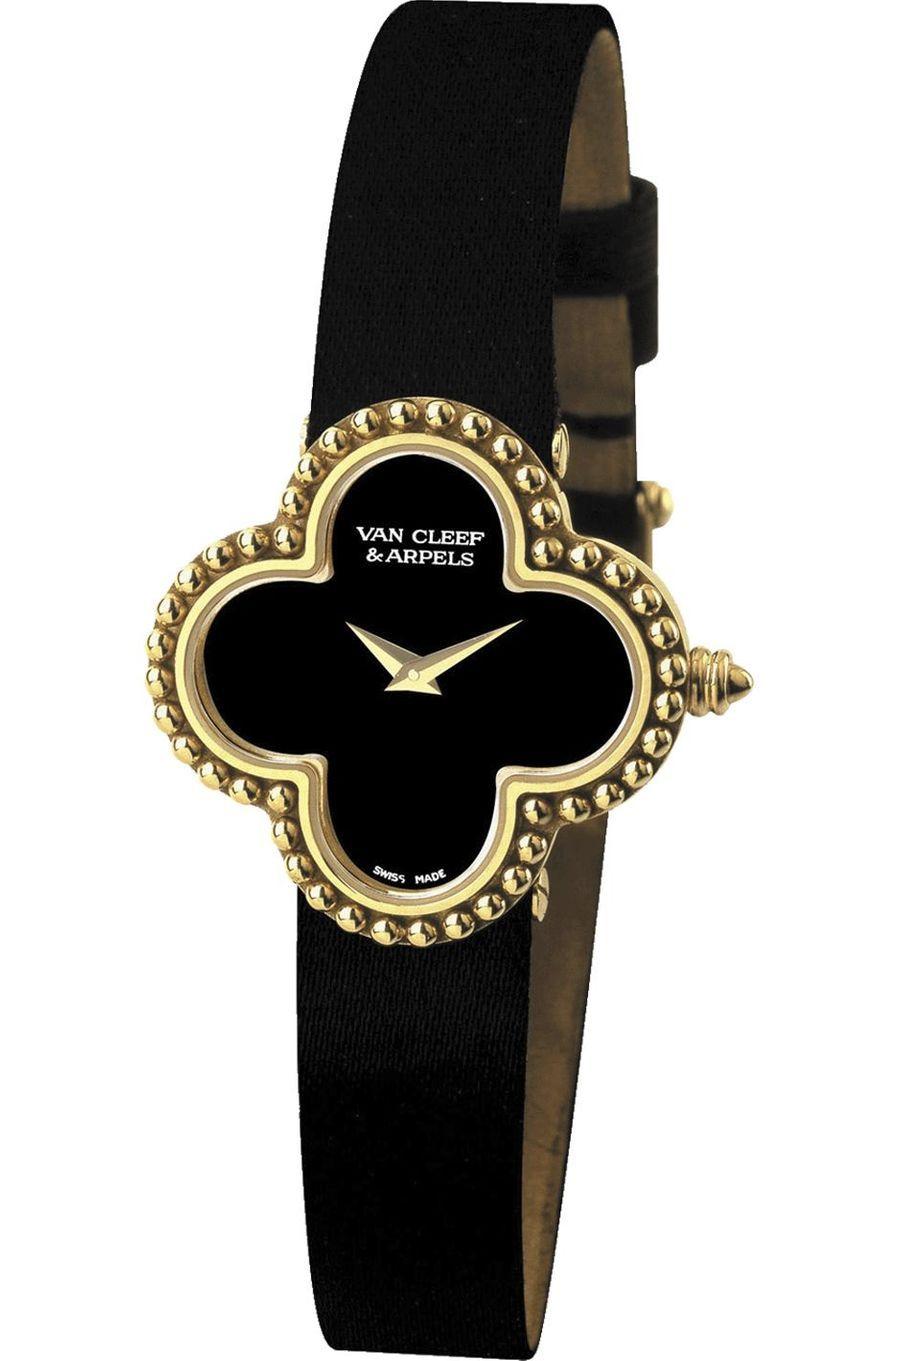 Vintage Alhambra or jaune, cadran en onyx, mouvement à quartz, bracelet en satin. 6900 €. Van Cleef and Arpels.